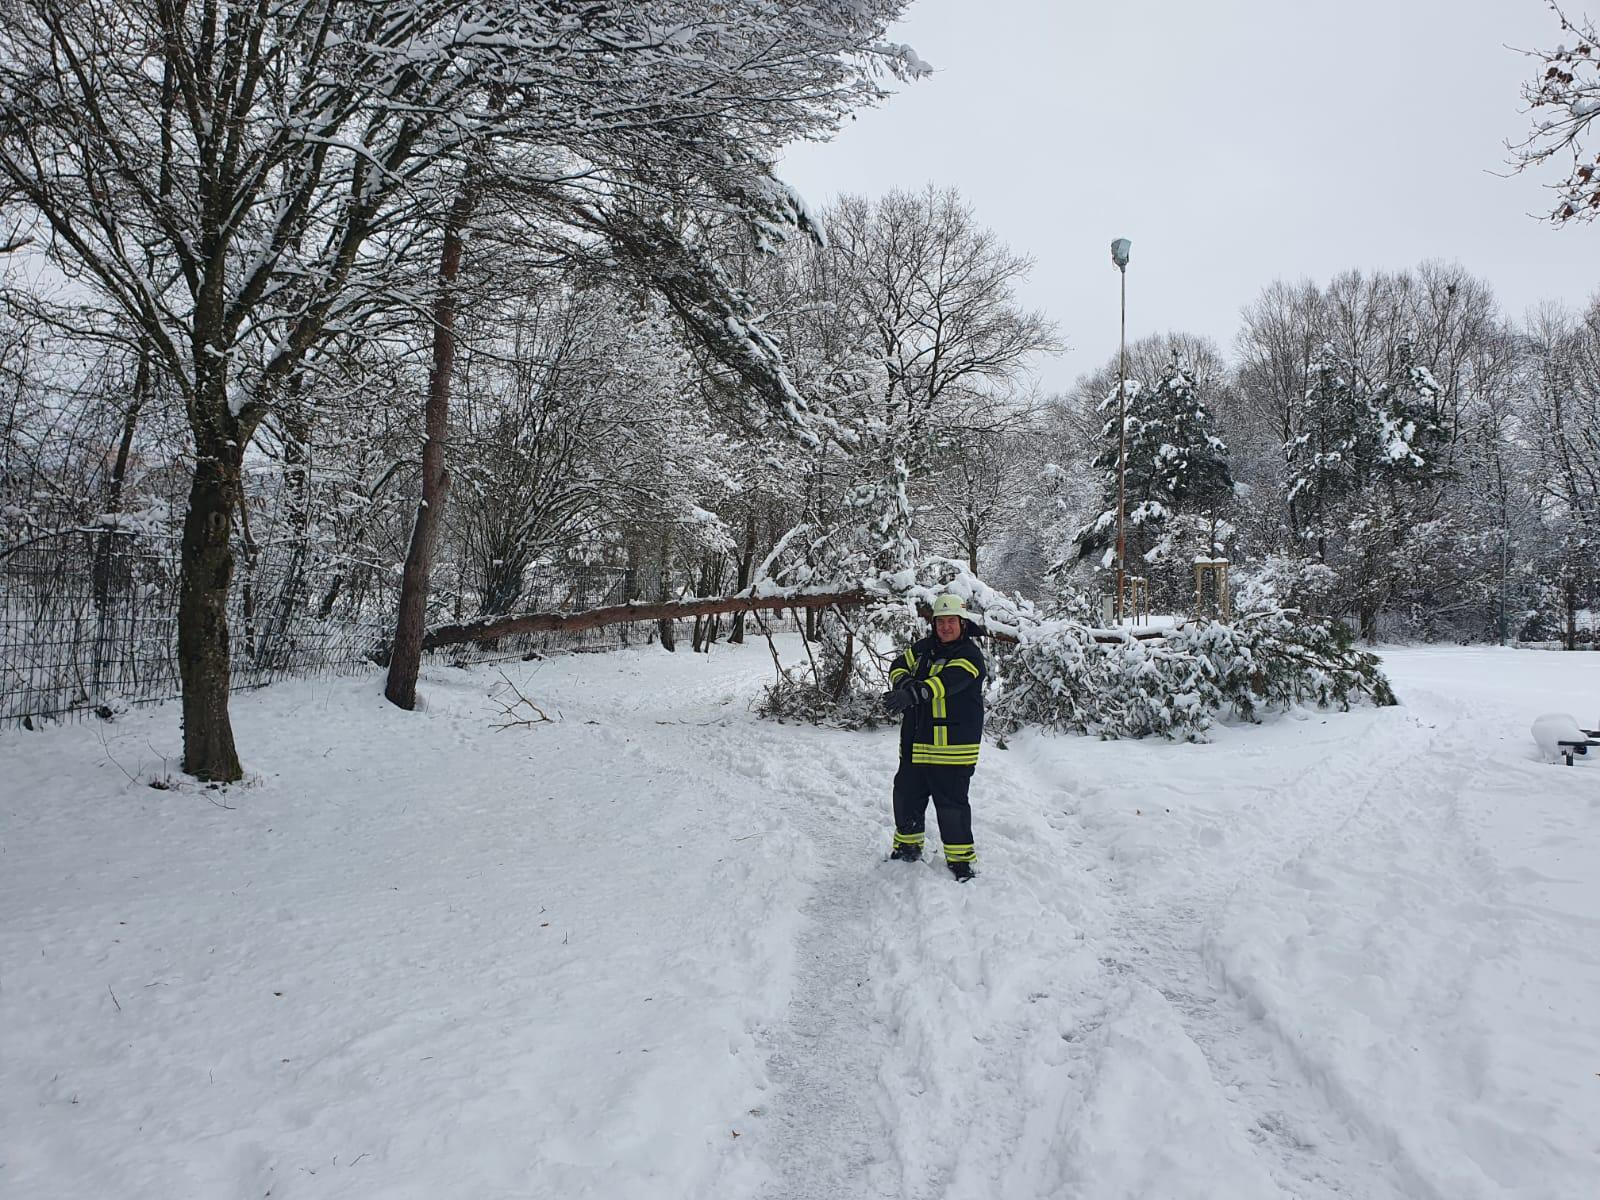 H 1 – Baum auf Weg gestürzt